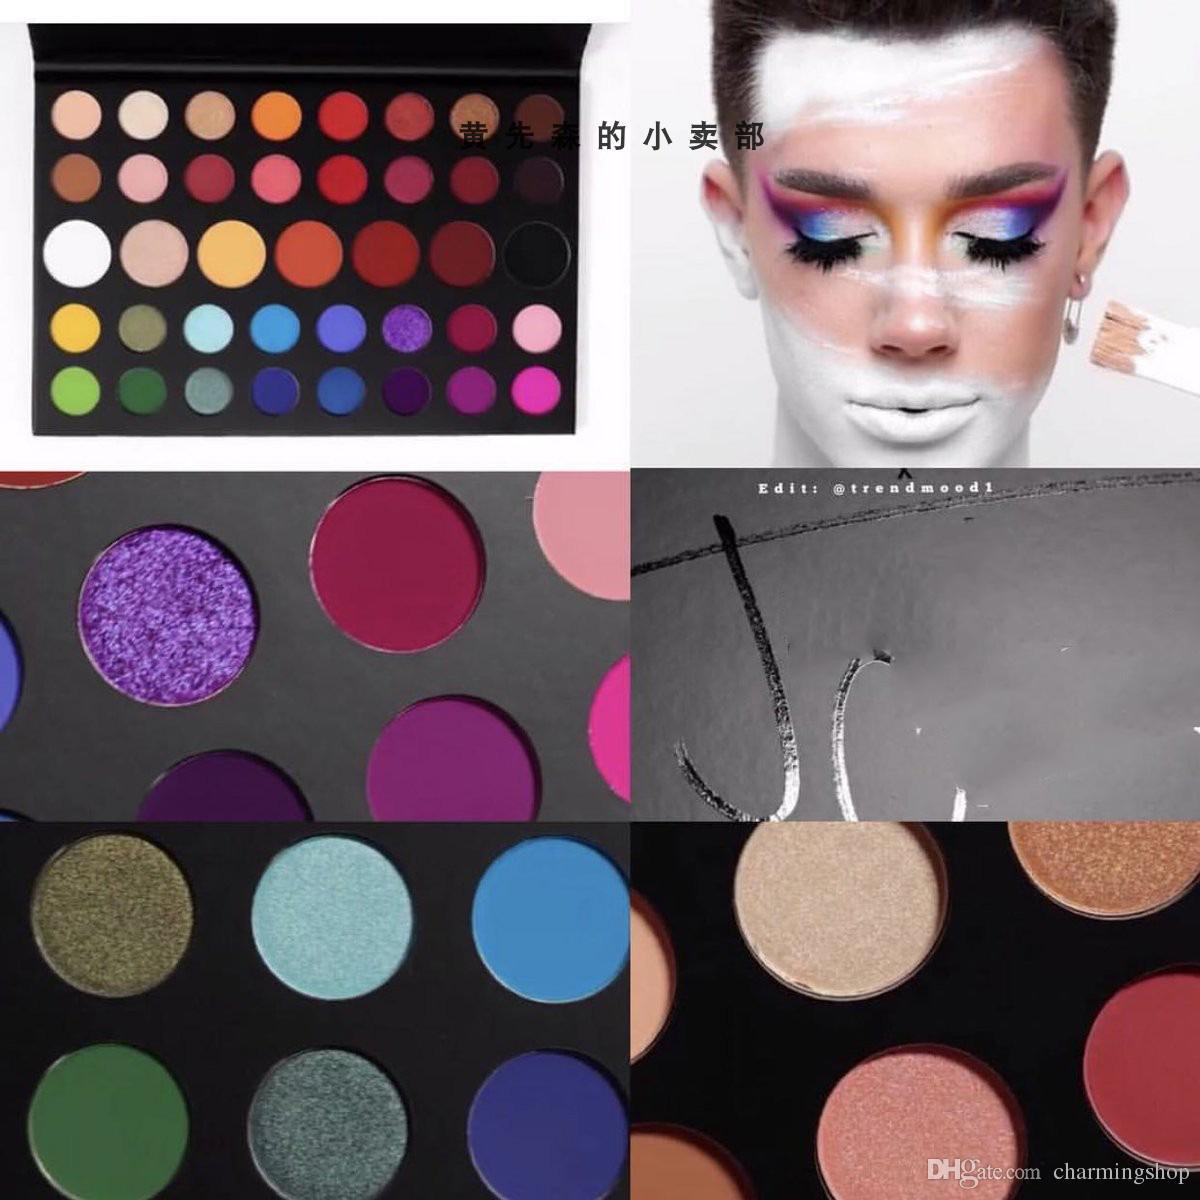 Top Quality James Charles Palette Eyeshadow Makeup Eyeshadow Inner